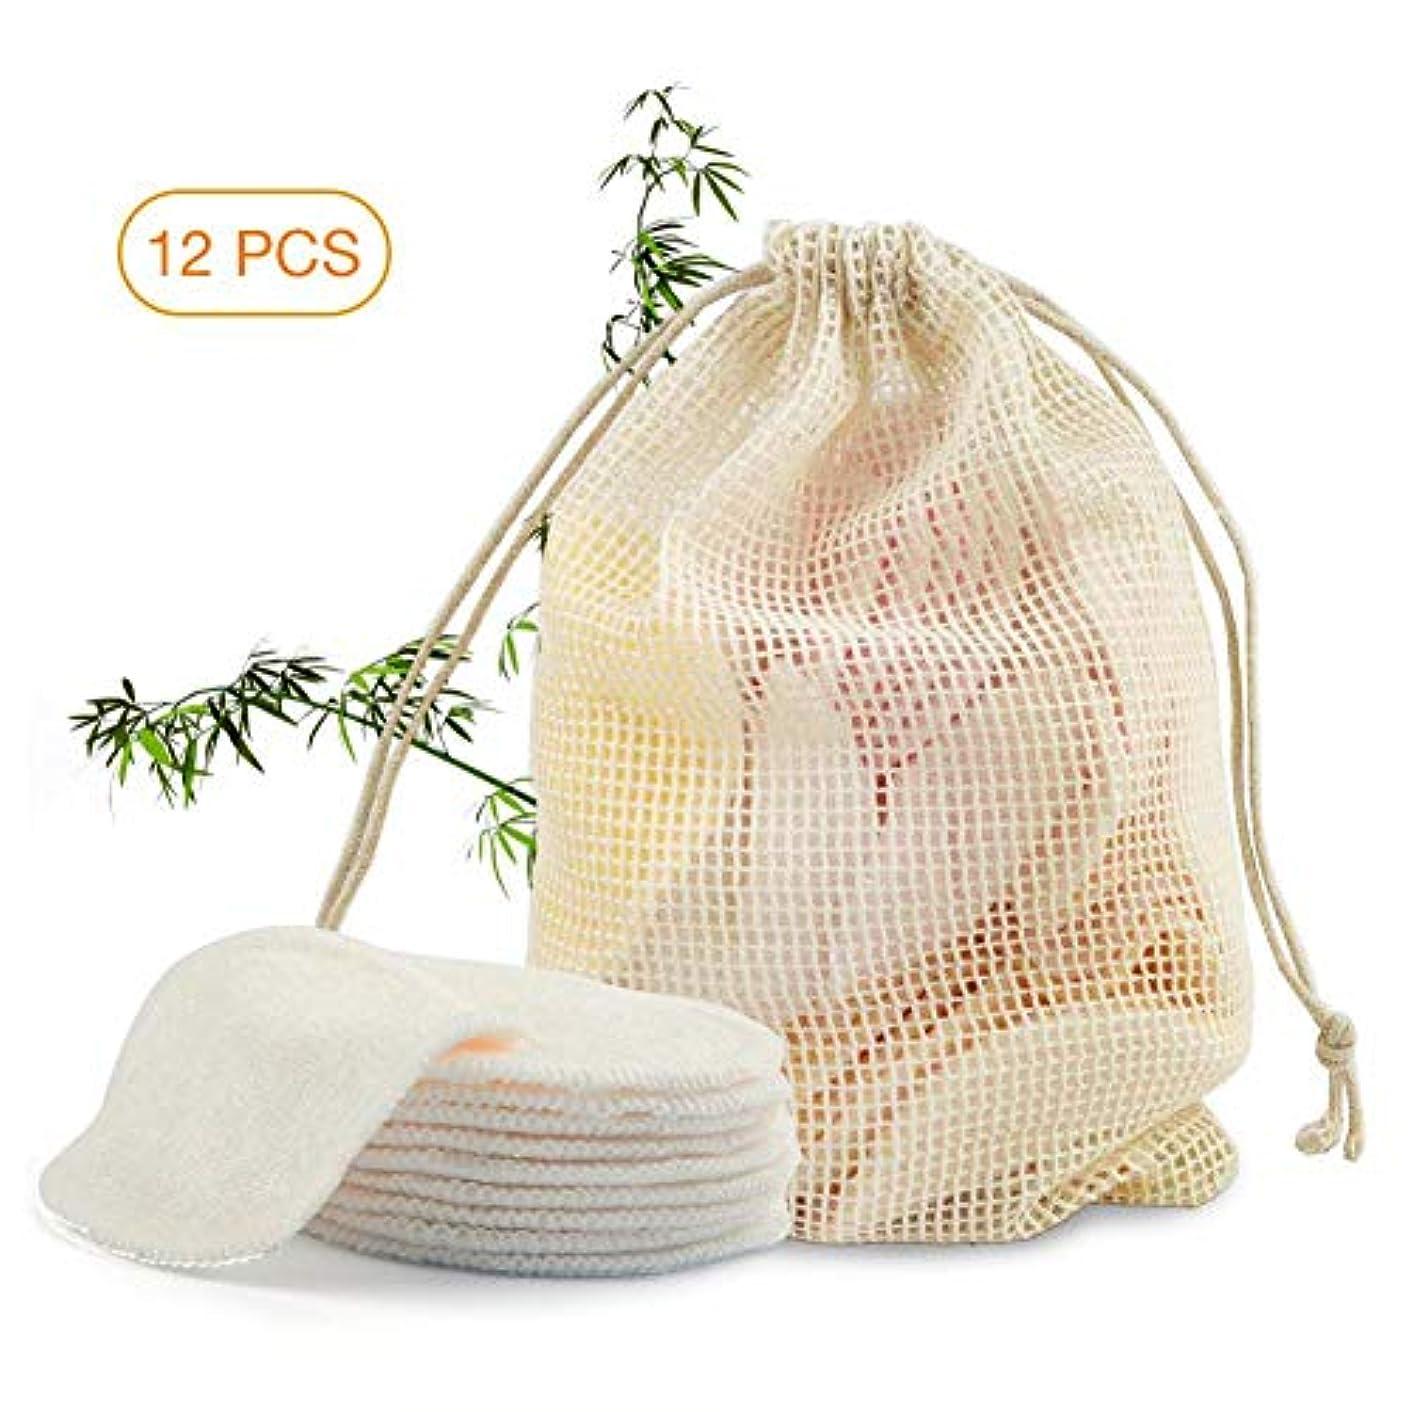 め言葉準備した保存する12Pcs 化粧リムーバーパッド 層竹繊維 化粧リムーバー 洗える 化粧コットン 洗浄顔スキンクリーニング 8センチ